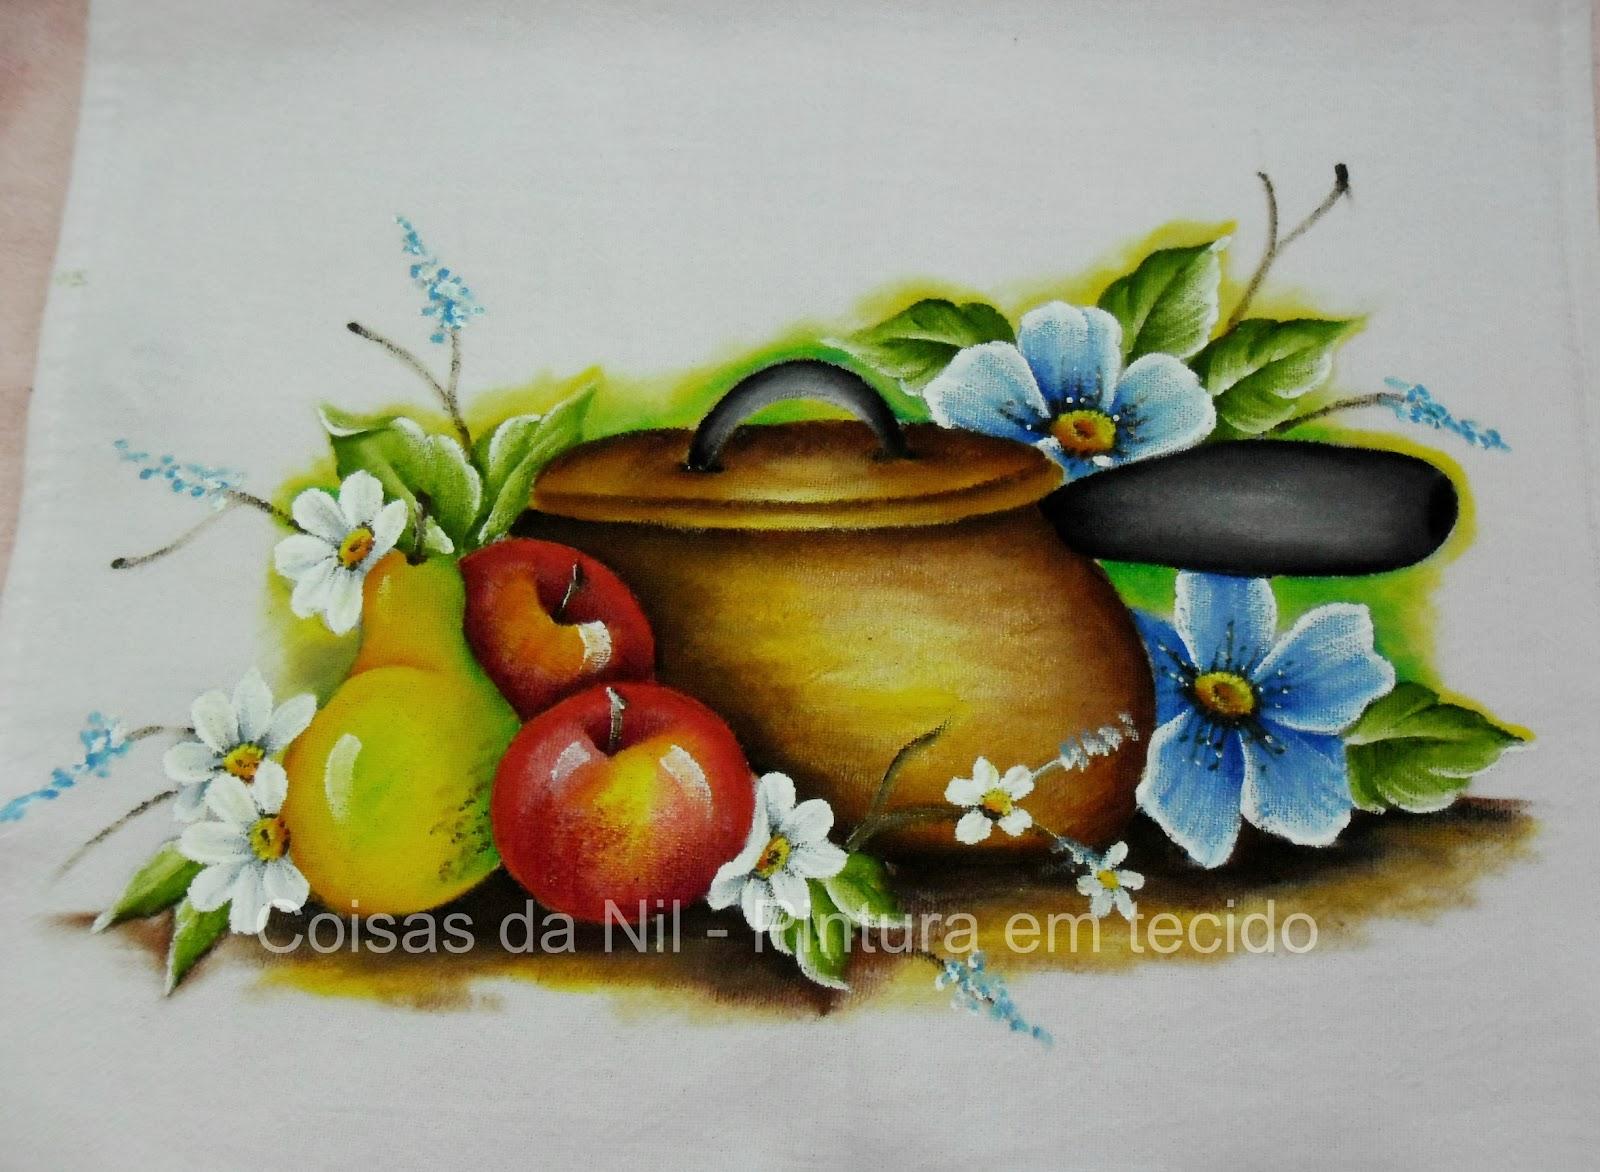 pano de copa com pintura de panela de barro com flores e frutas